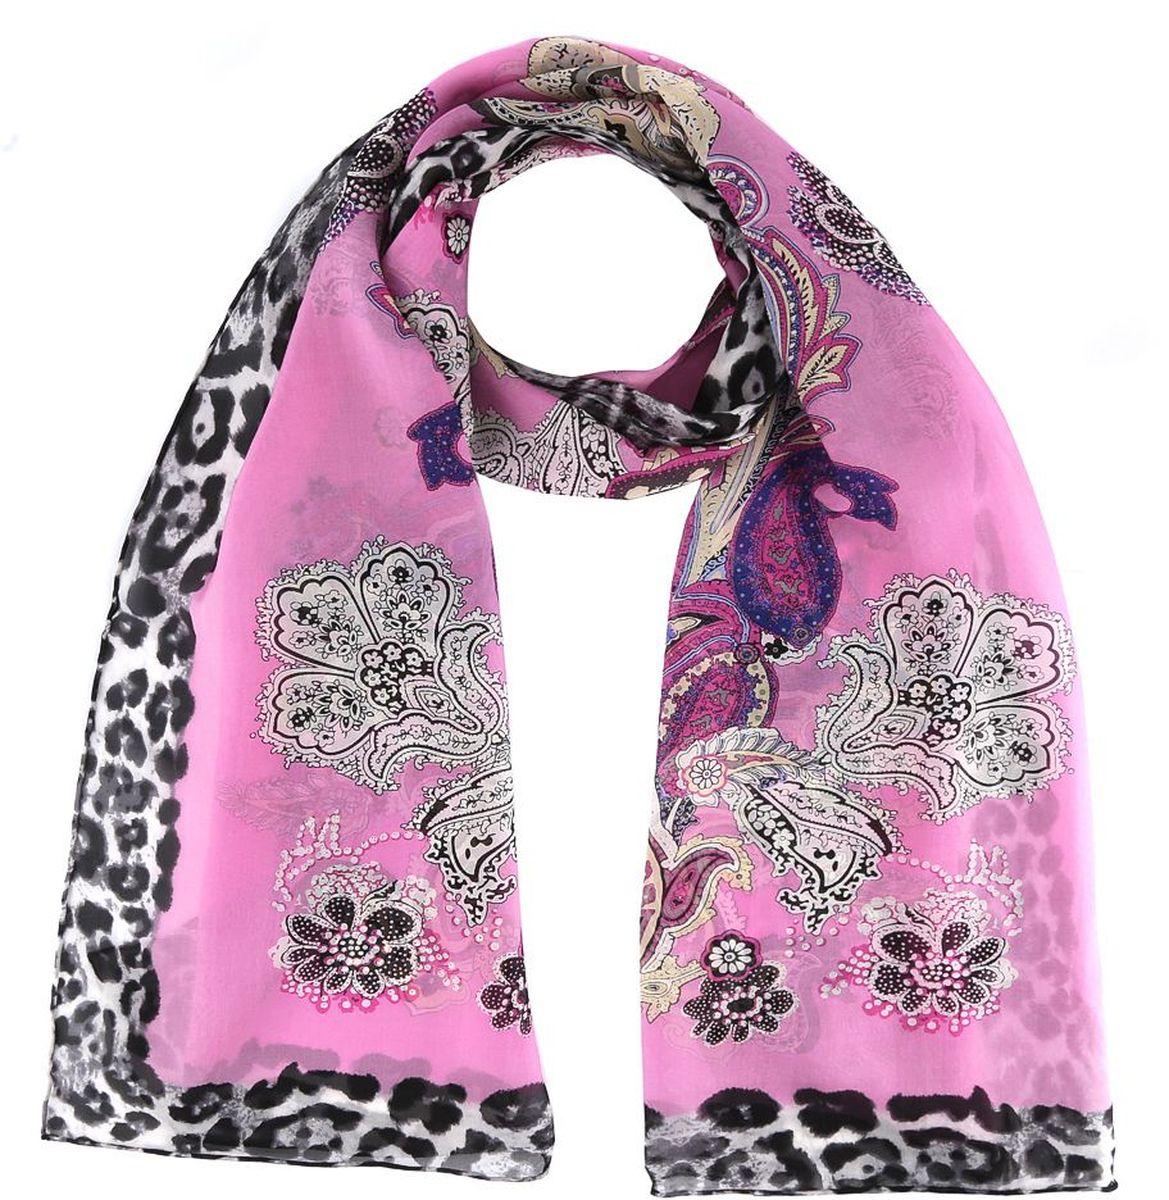 Шарф женский Fabretti, цвет: розовый. 14YL064-A. Размер 180 см х 55 см14YL064-AШарф Fabretti станет удачным дополнением в вашем гардеробе. Выполнен из высококачественного материала и оформлен оригинальным принтом.